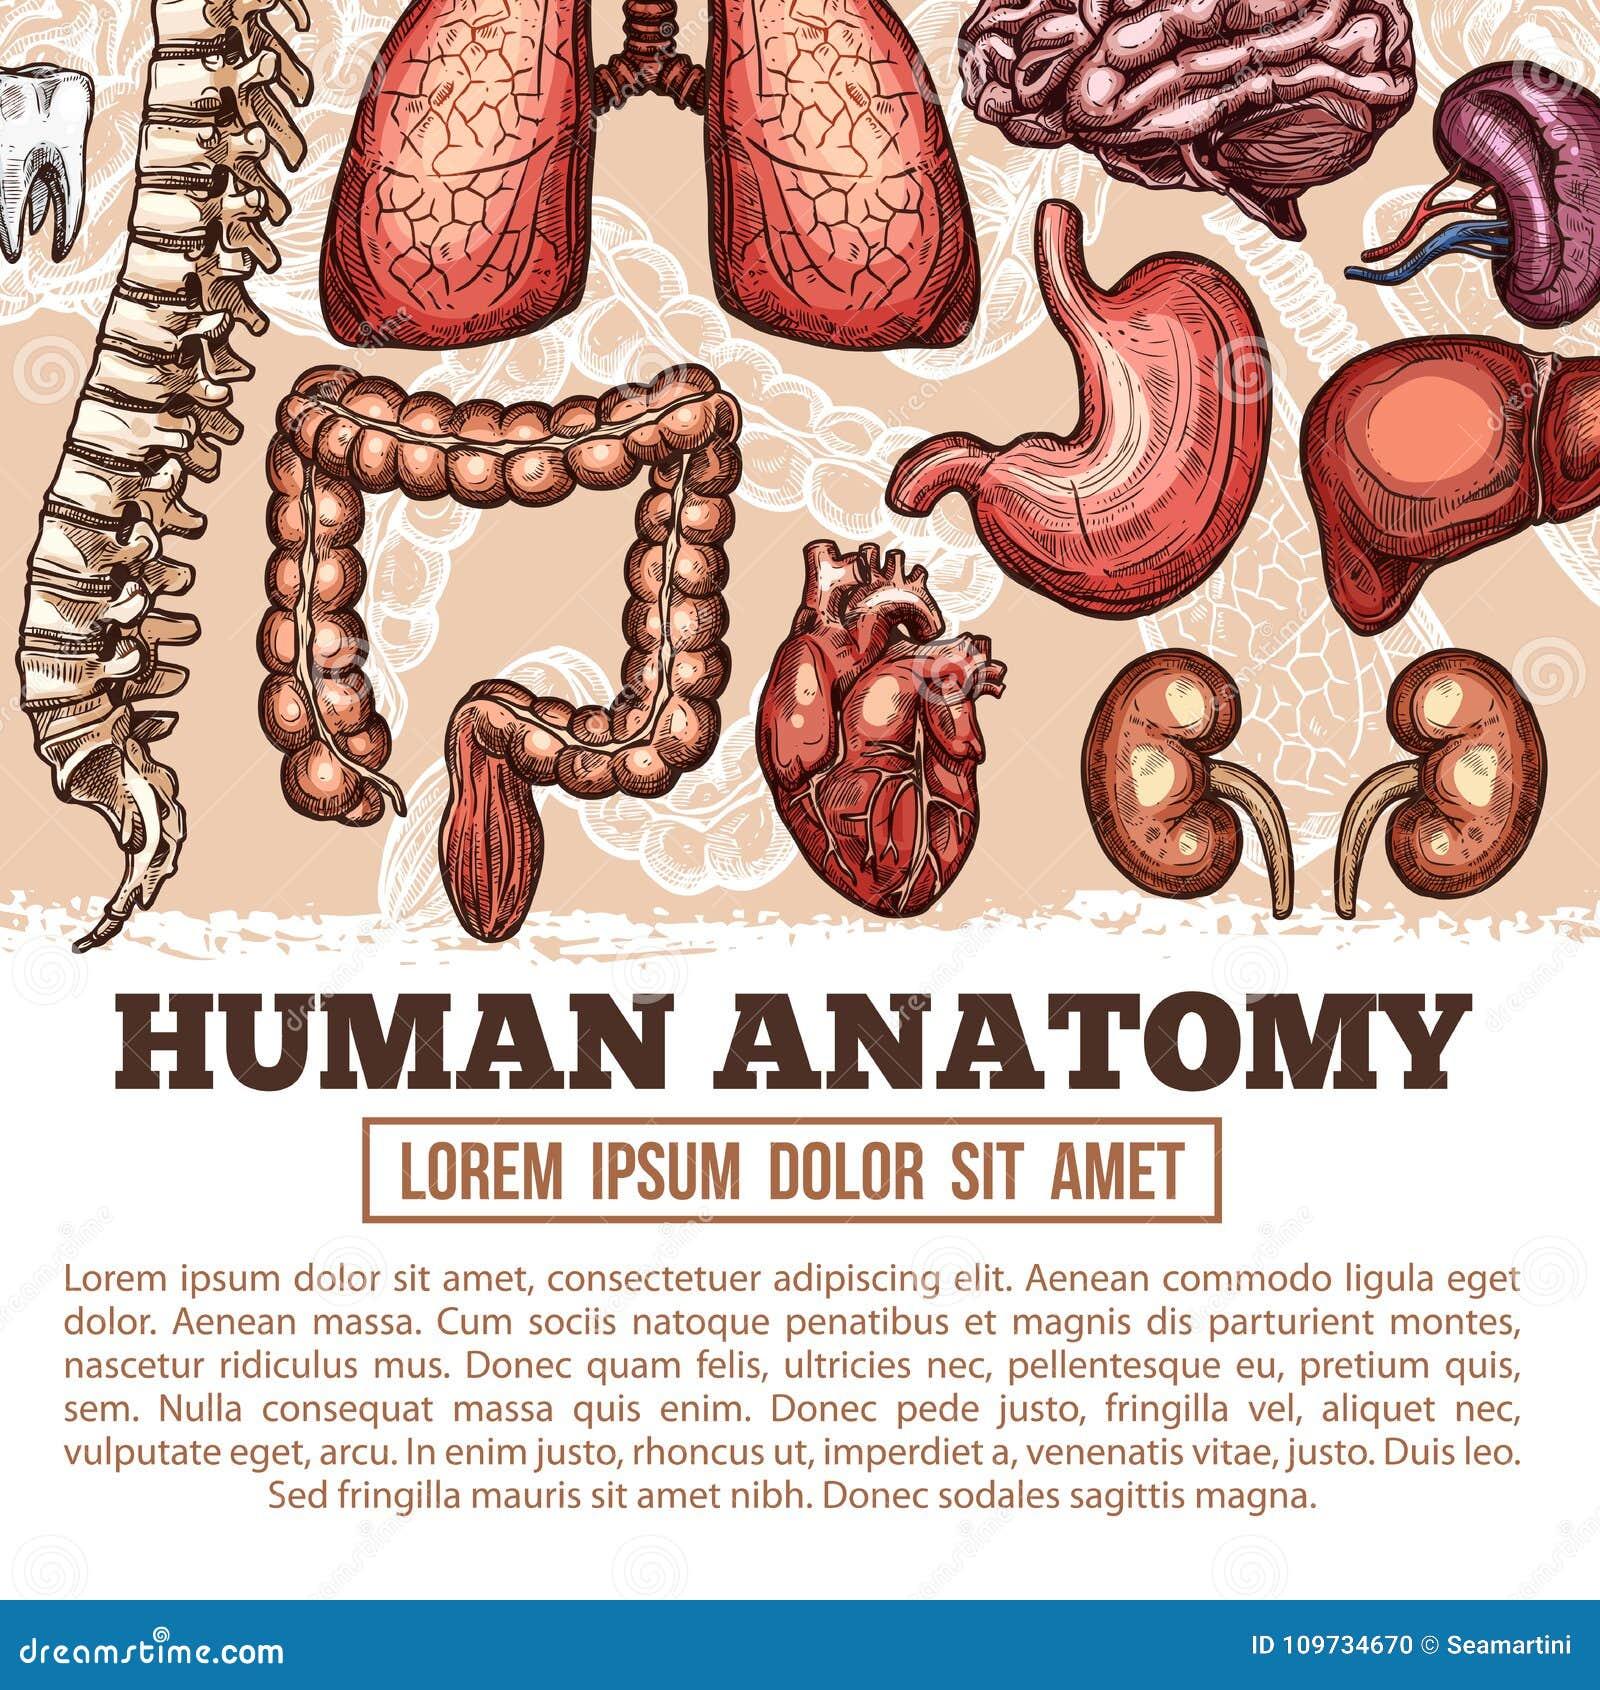 Increíble Anatomía De La Seducción Componente - Imágenes de Anatomía ...